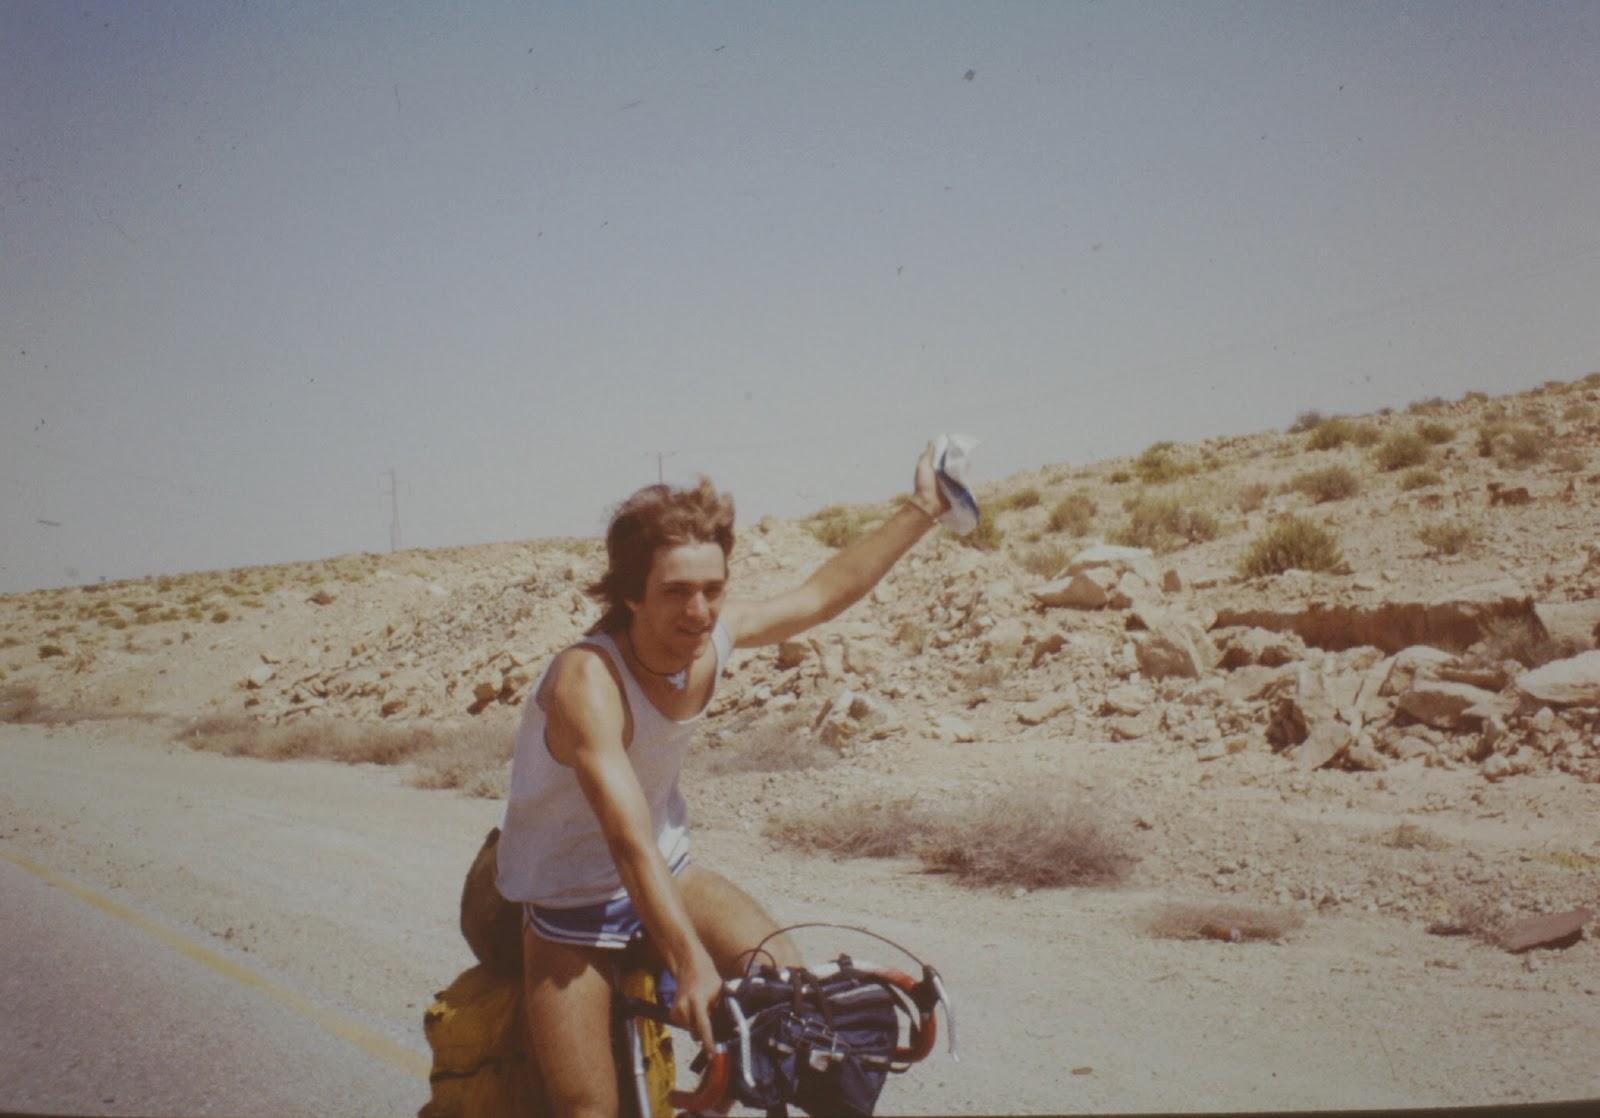 Der andere einsame Radfahrer in der Wüste. In Hot-Pants.